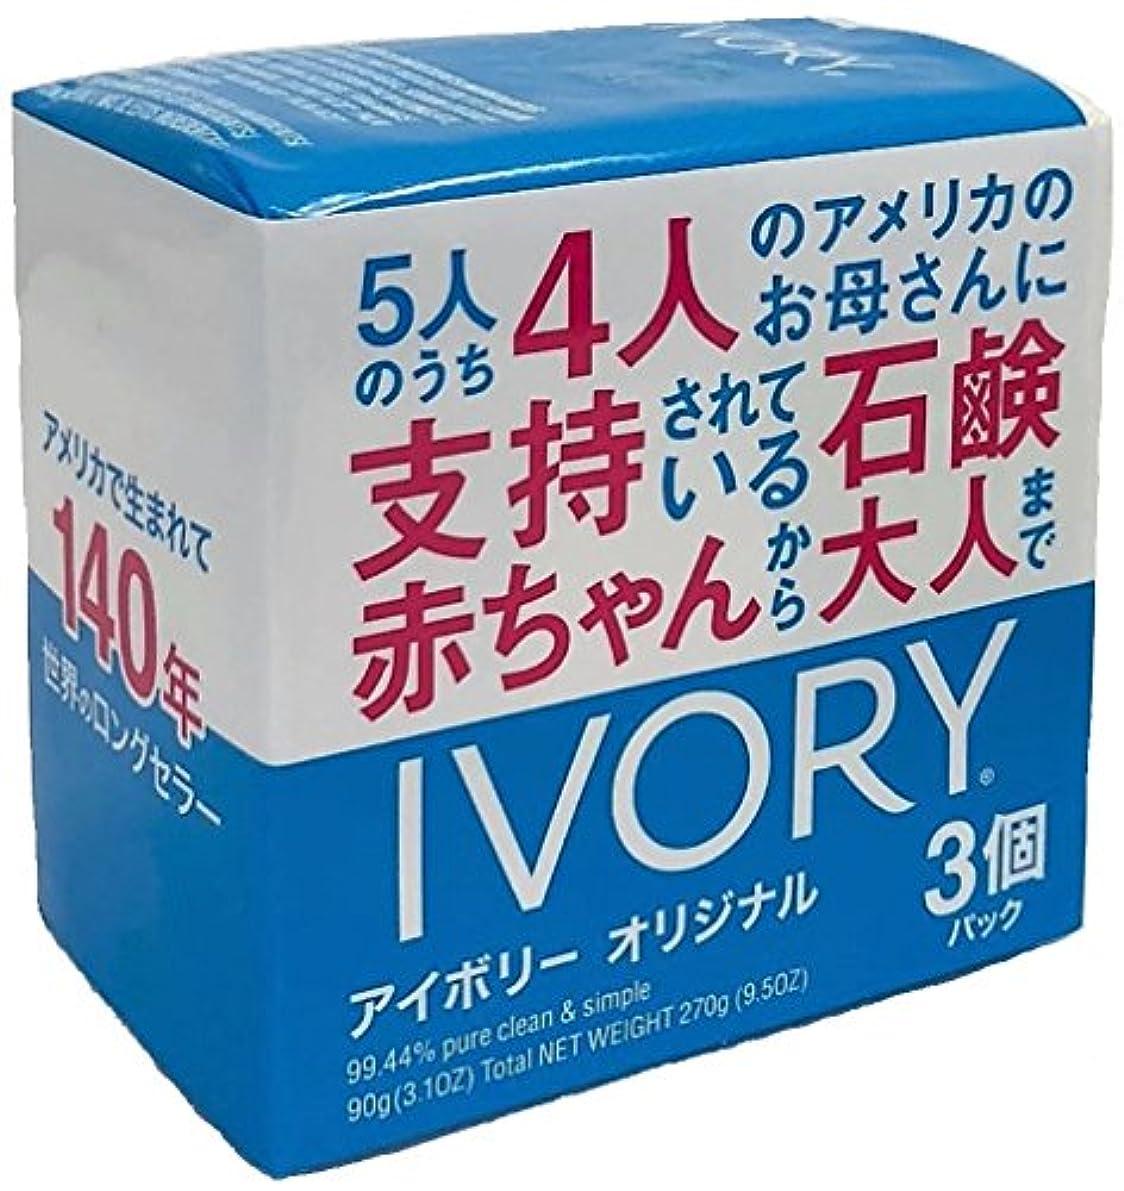 操作固体移住するIVORY (アイボリー) ソープ オリジナル 3個バンドル